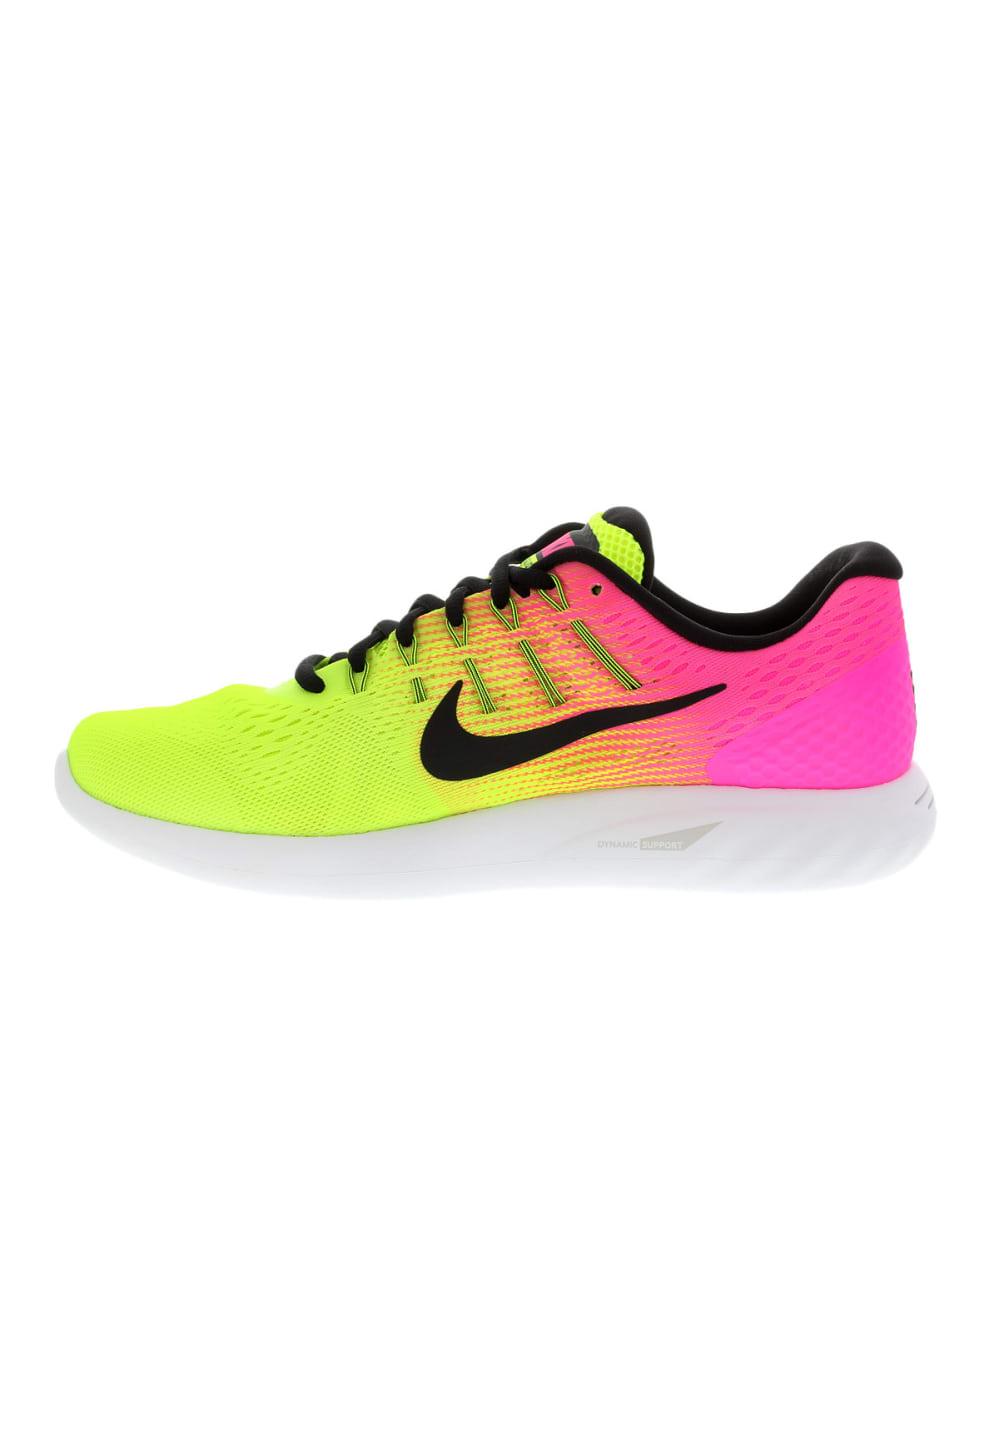 revendeur 218a0 42d19 Nike Lunarglide 8 OC - Chaussures running pour Femme - Jaune